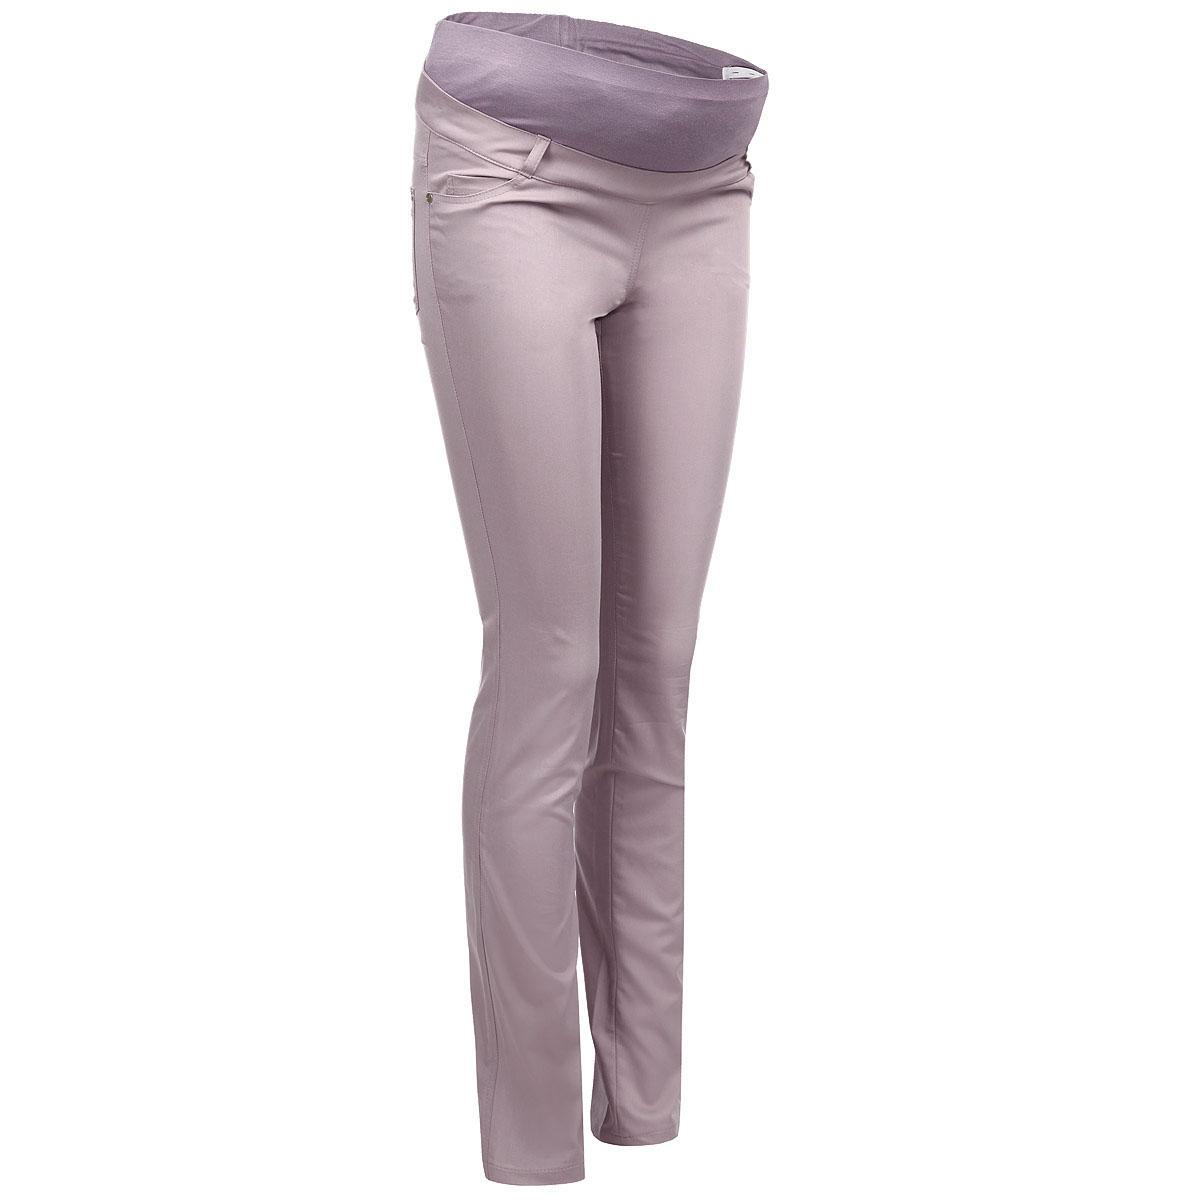 Брюки для беременных Nuova Vita, цвет: пыльно-розовый. 5422.5. Размер 505422.5Стильные брюки для беременных Nuova Vita выполнены из тонкого эластичного материала. Ткань приятная на ощупь, не вызывает раздражений и надежно сохраняет тепло. Модель прямого кроя с удобным бандажом на живот и регулируемой резинкой, позволяющей носить эти брюки вплоть до 9 месяца беременности. Спереди брюки дополнены двумя втачными карманами, сзади - двумя накладными карманами. На поясе предусмотрены шлевки для ремня. Такие брюки подарят вам комфорт и свободу движений и займут достойное место в гардеробе молодой мамы.